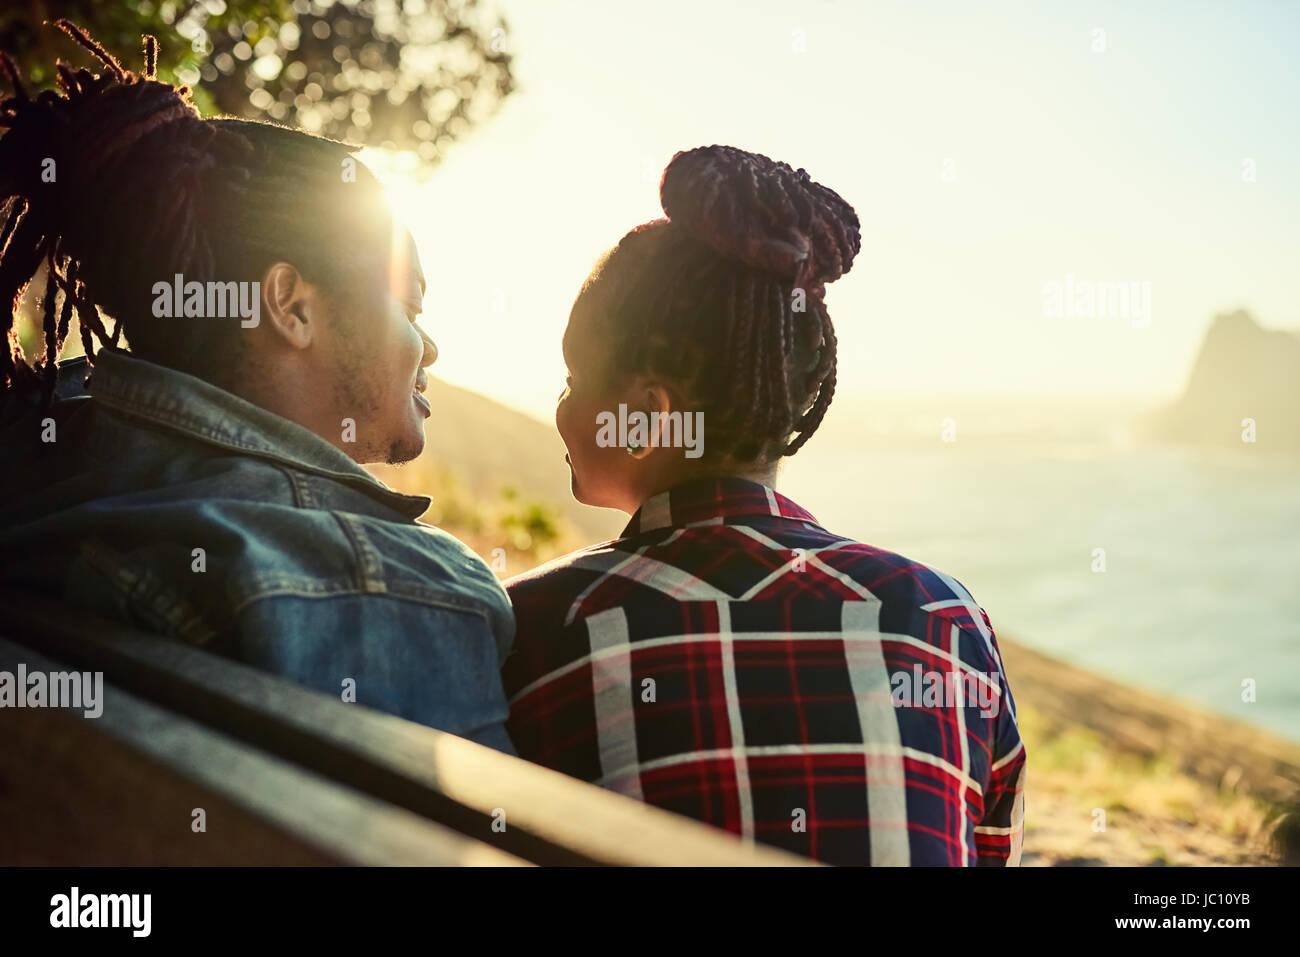 Giovane della discesa africana seduti su un pubblico banco viewpoint Immagini Stock